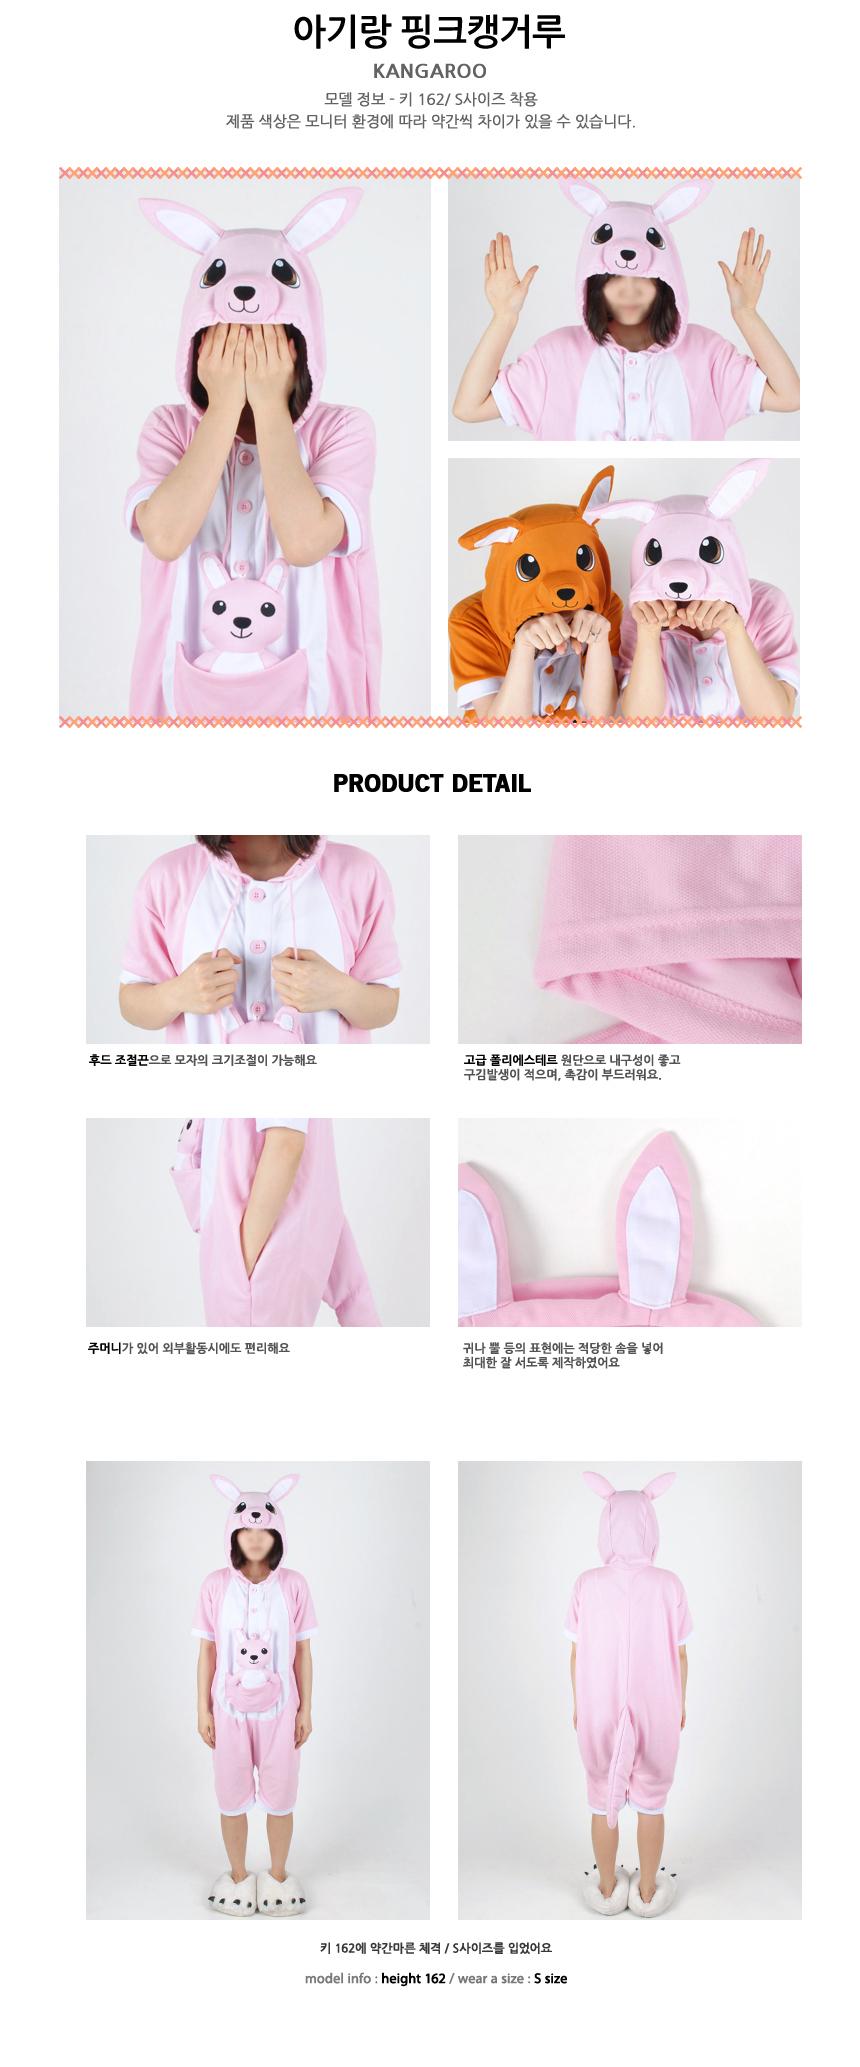 반팔 동물잠옷 캥거루 (핑크) - 스위트홀릭, 35,000원, 잠옷, 동물잠옷